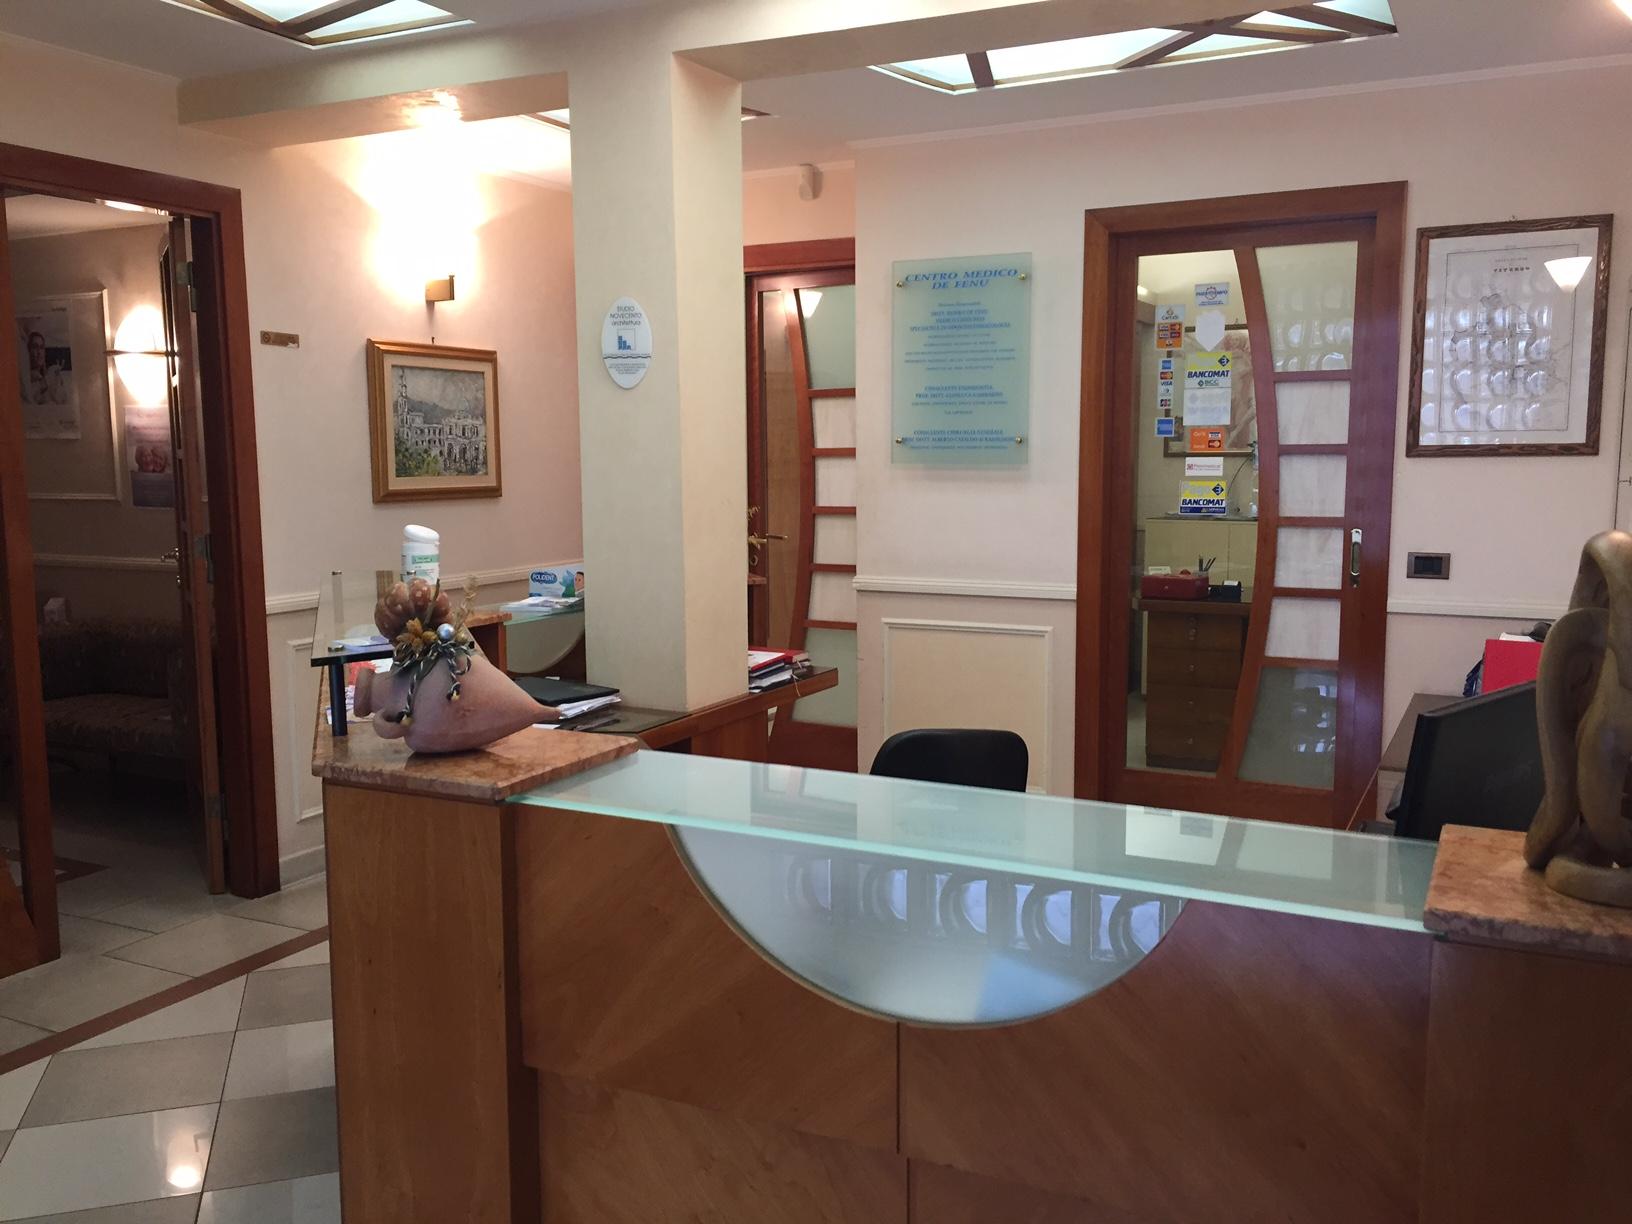 Ufficio / Studio in vendita a Viterbo, 9999 locali, zona Zona: Semicentro, prezzo € 335.000 | CambioCasa.it